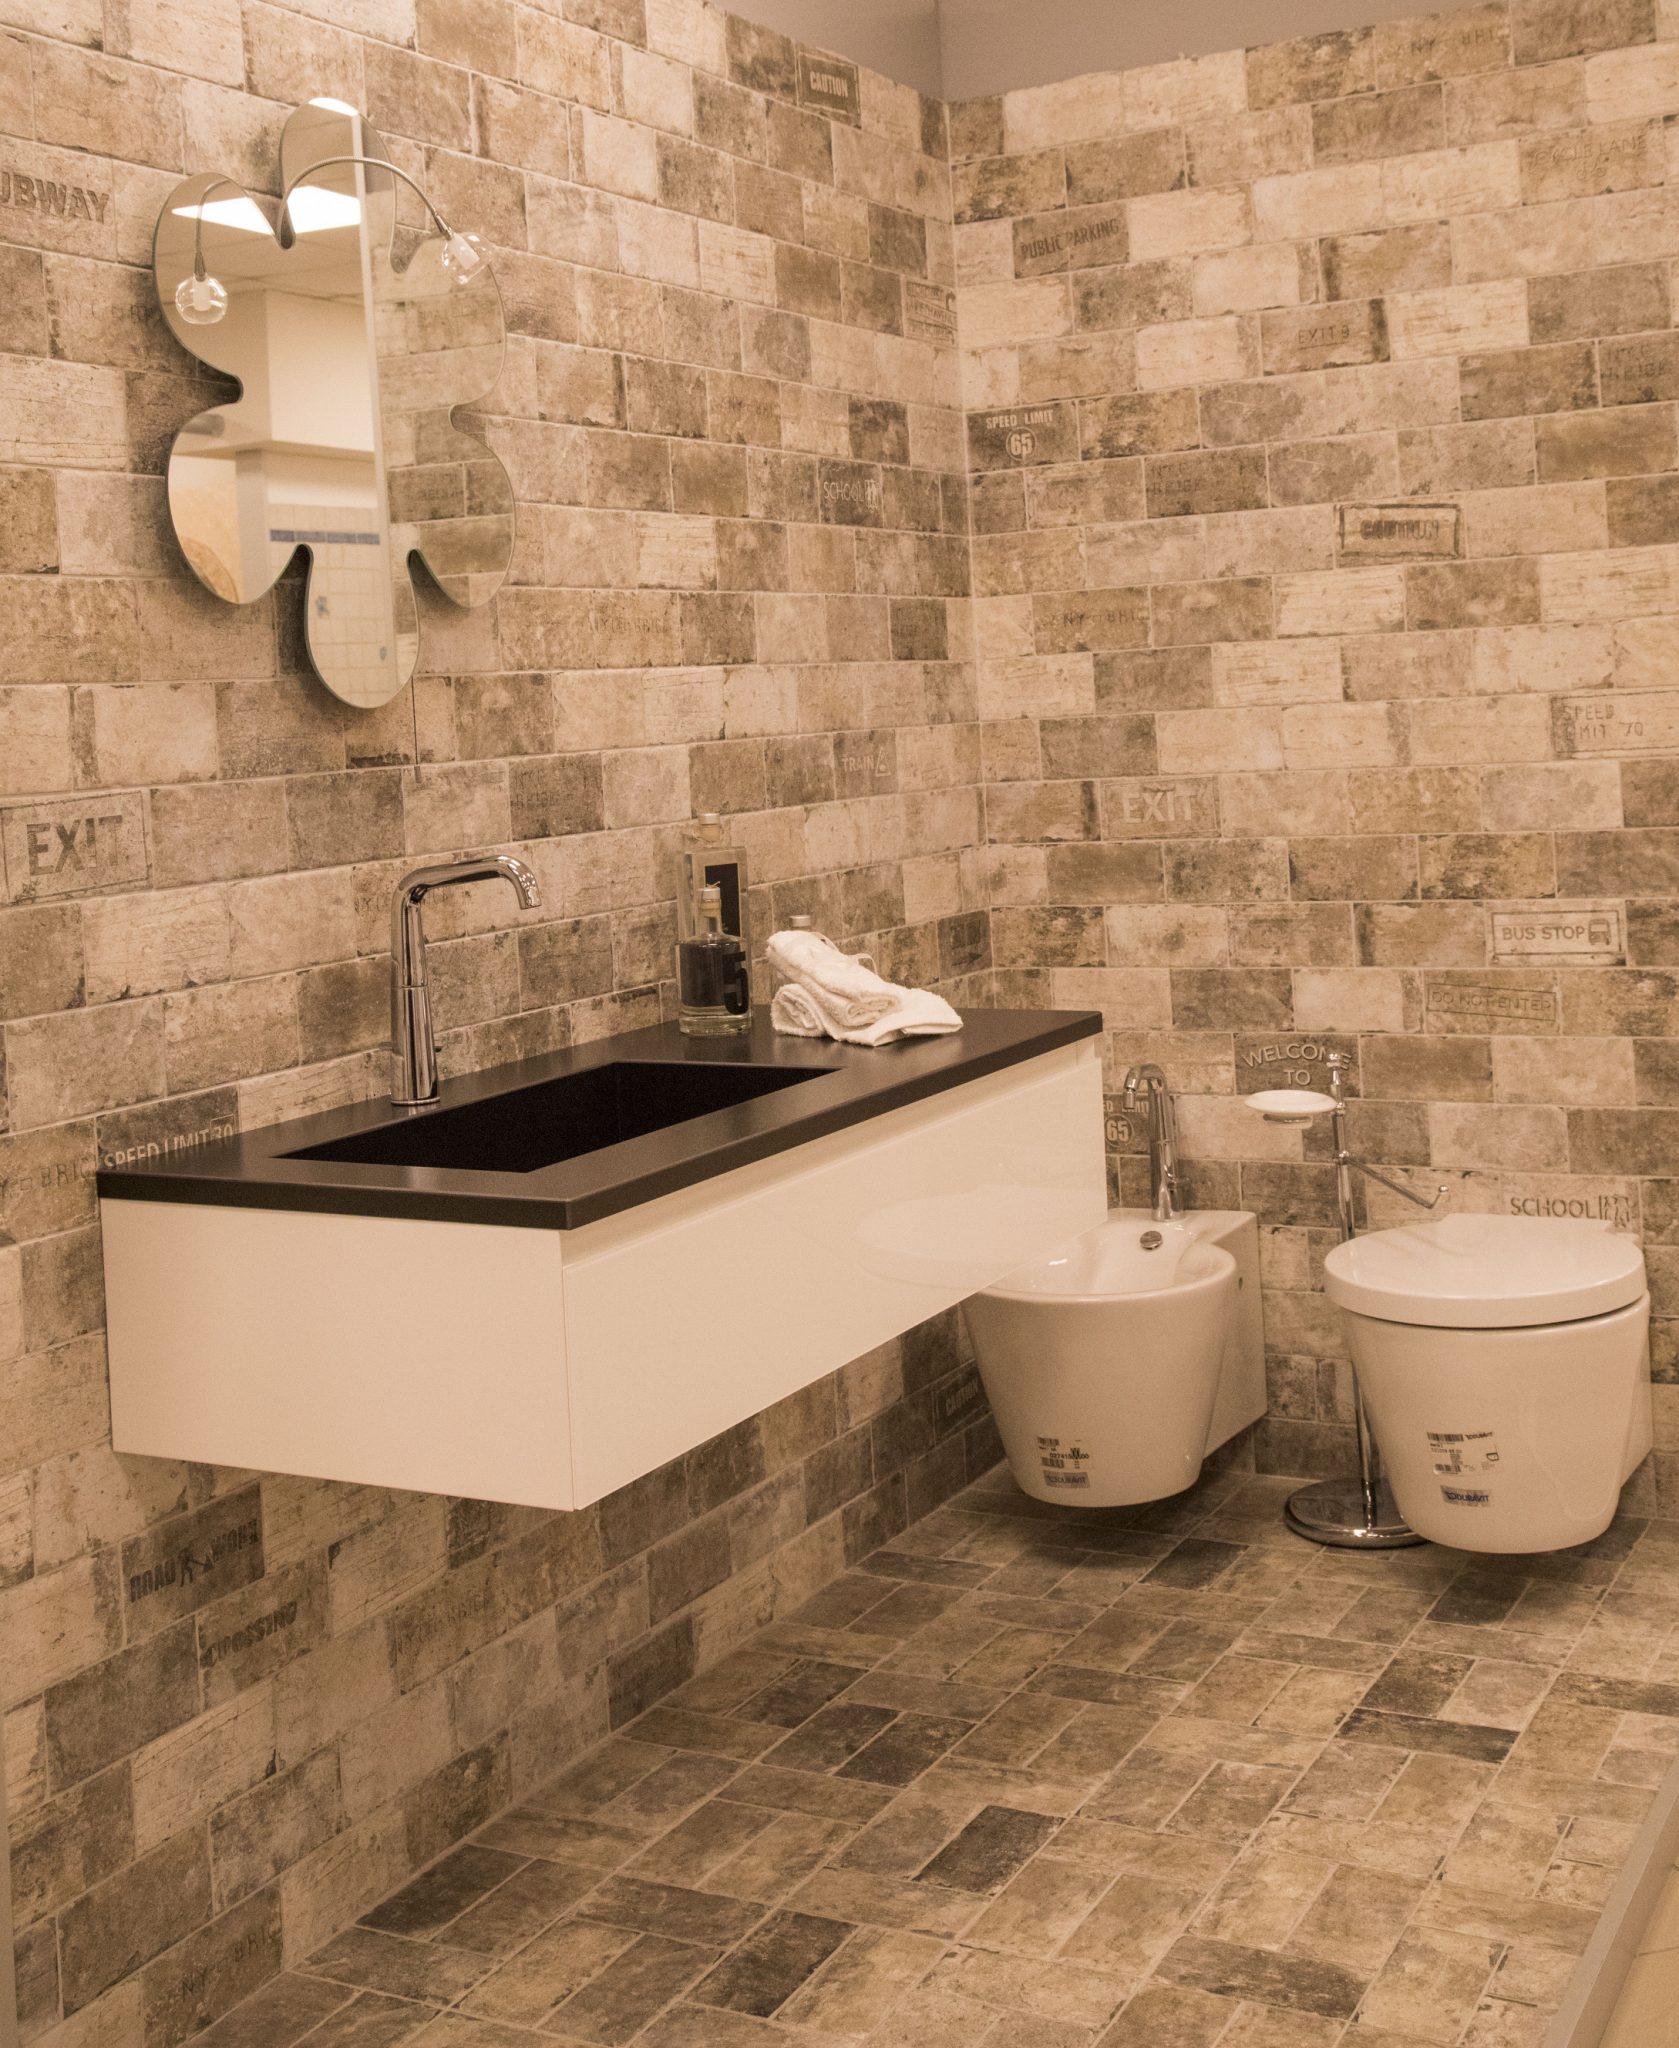 Ristrutturazioni bagni Roma Viterbo - Progettazione bagni su misura